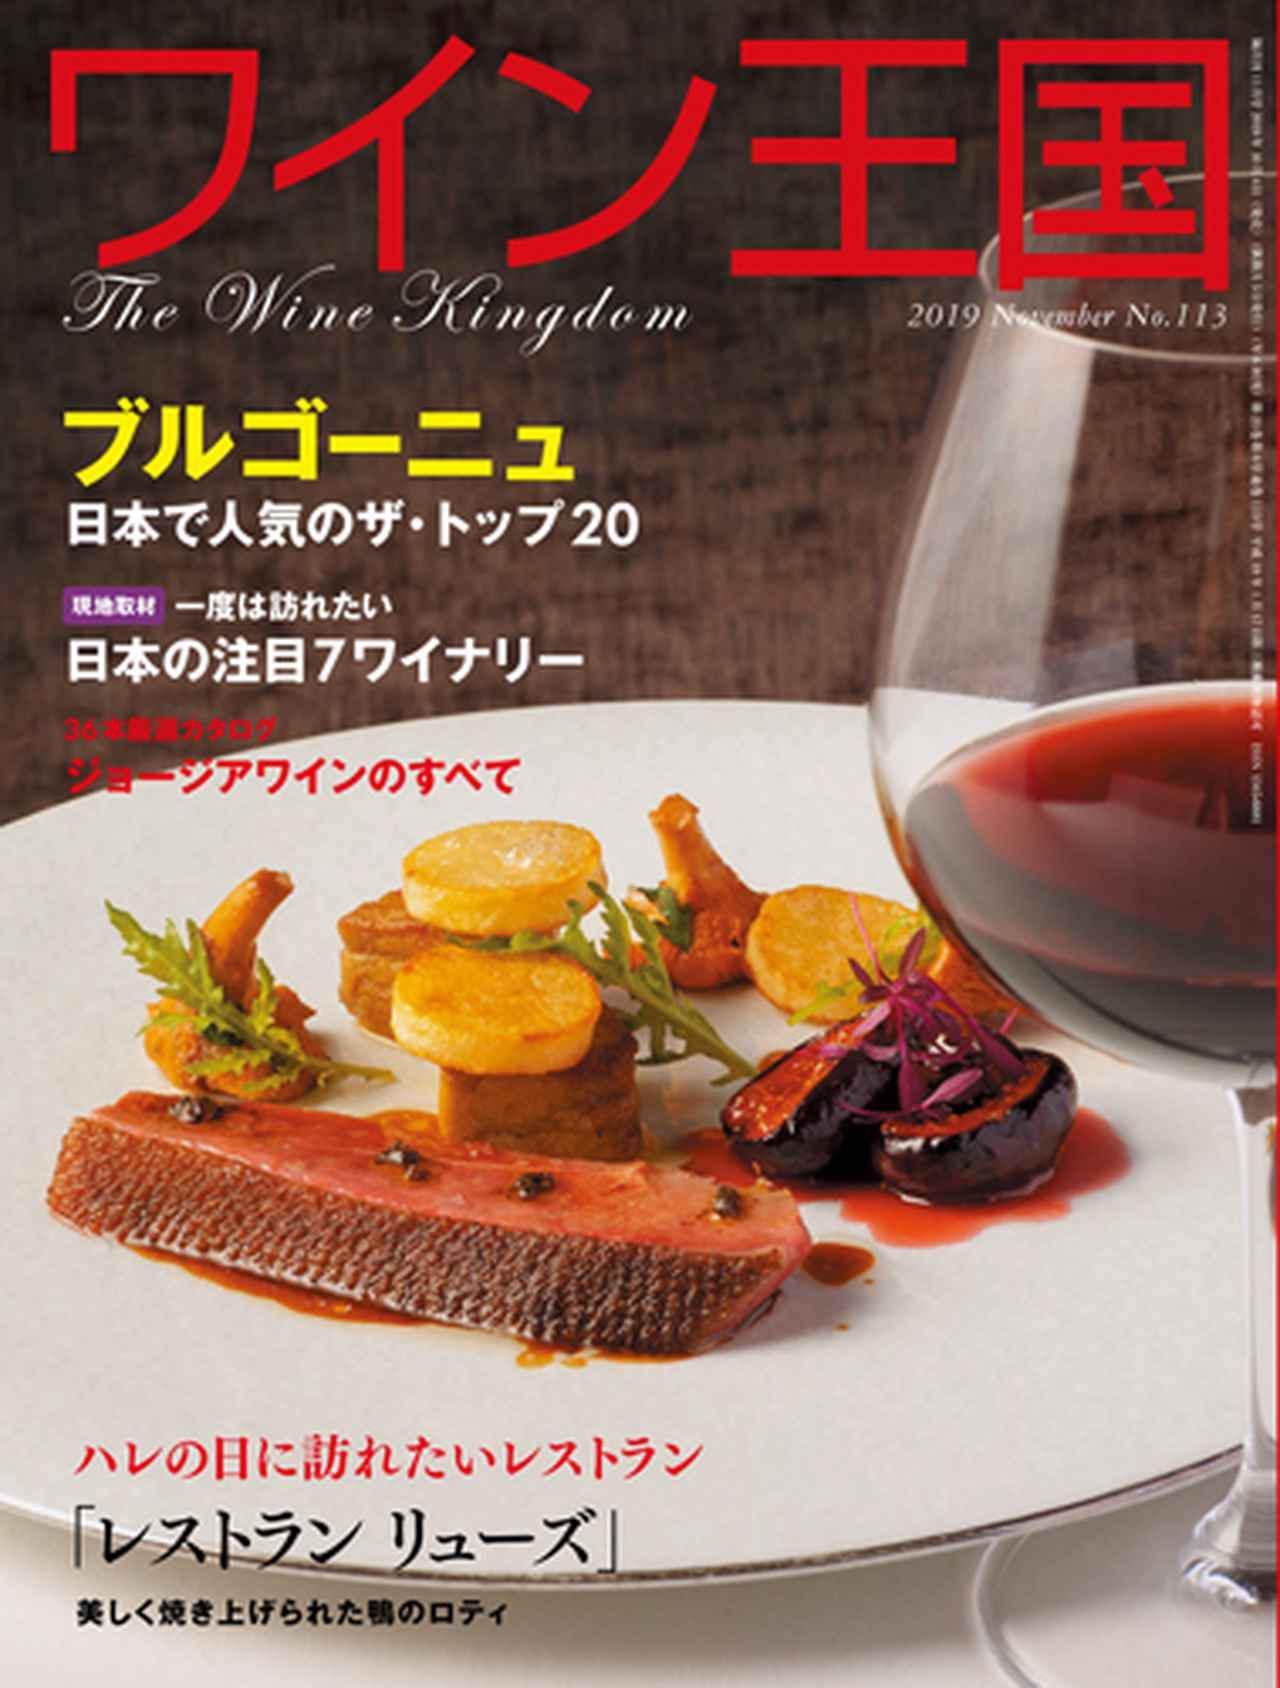 画像: 『ワイン王国113号』では、さらにジョージアワインの魅力を掘り下げています!